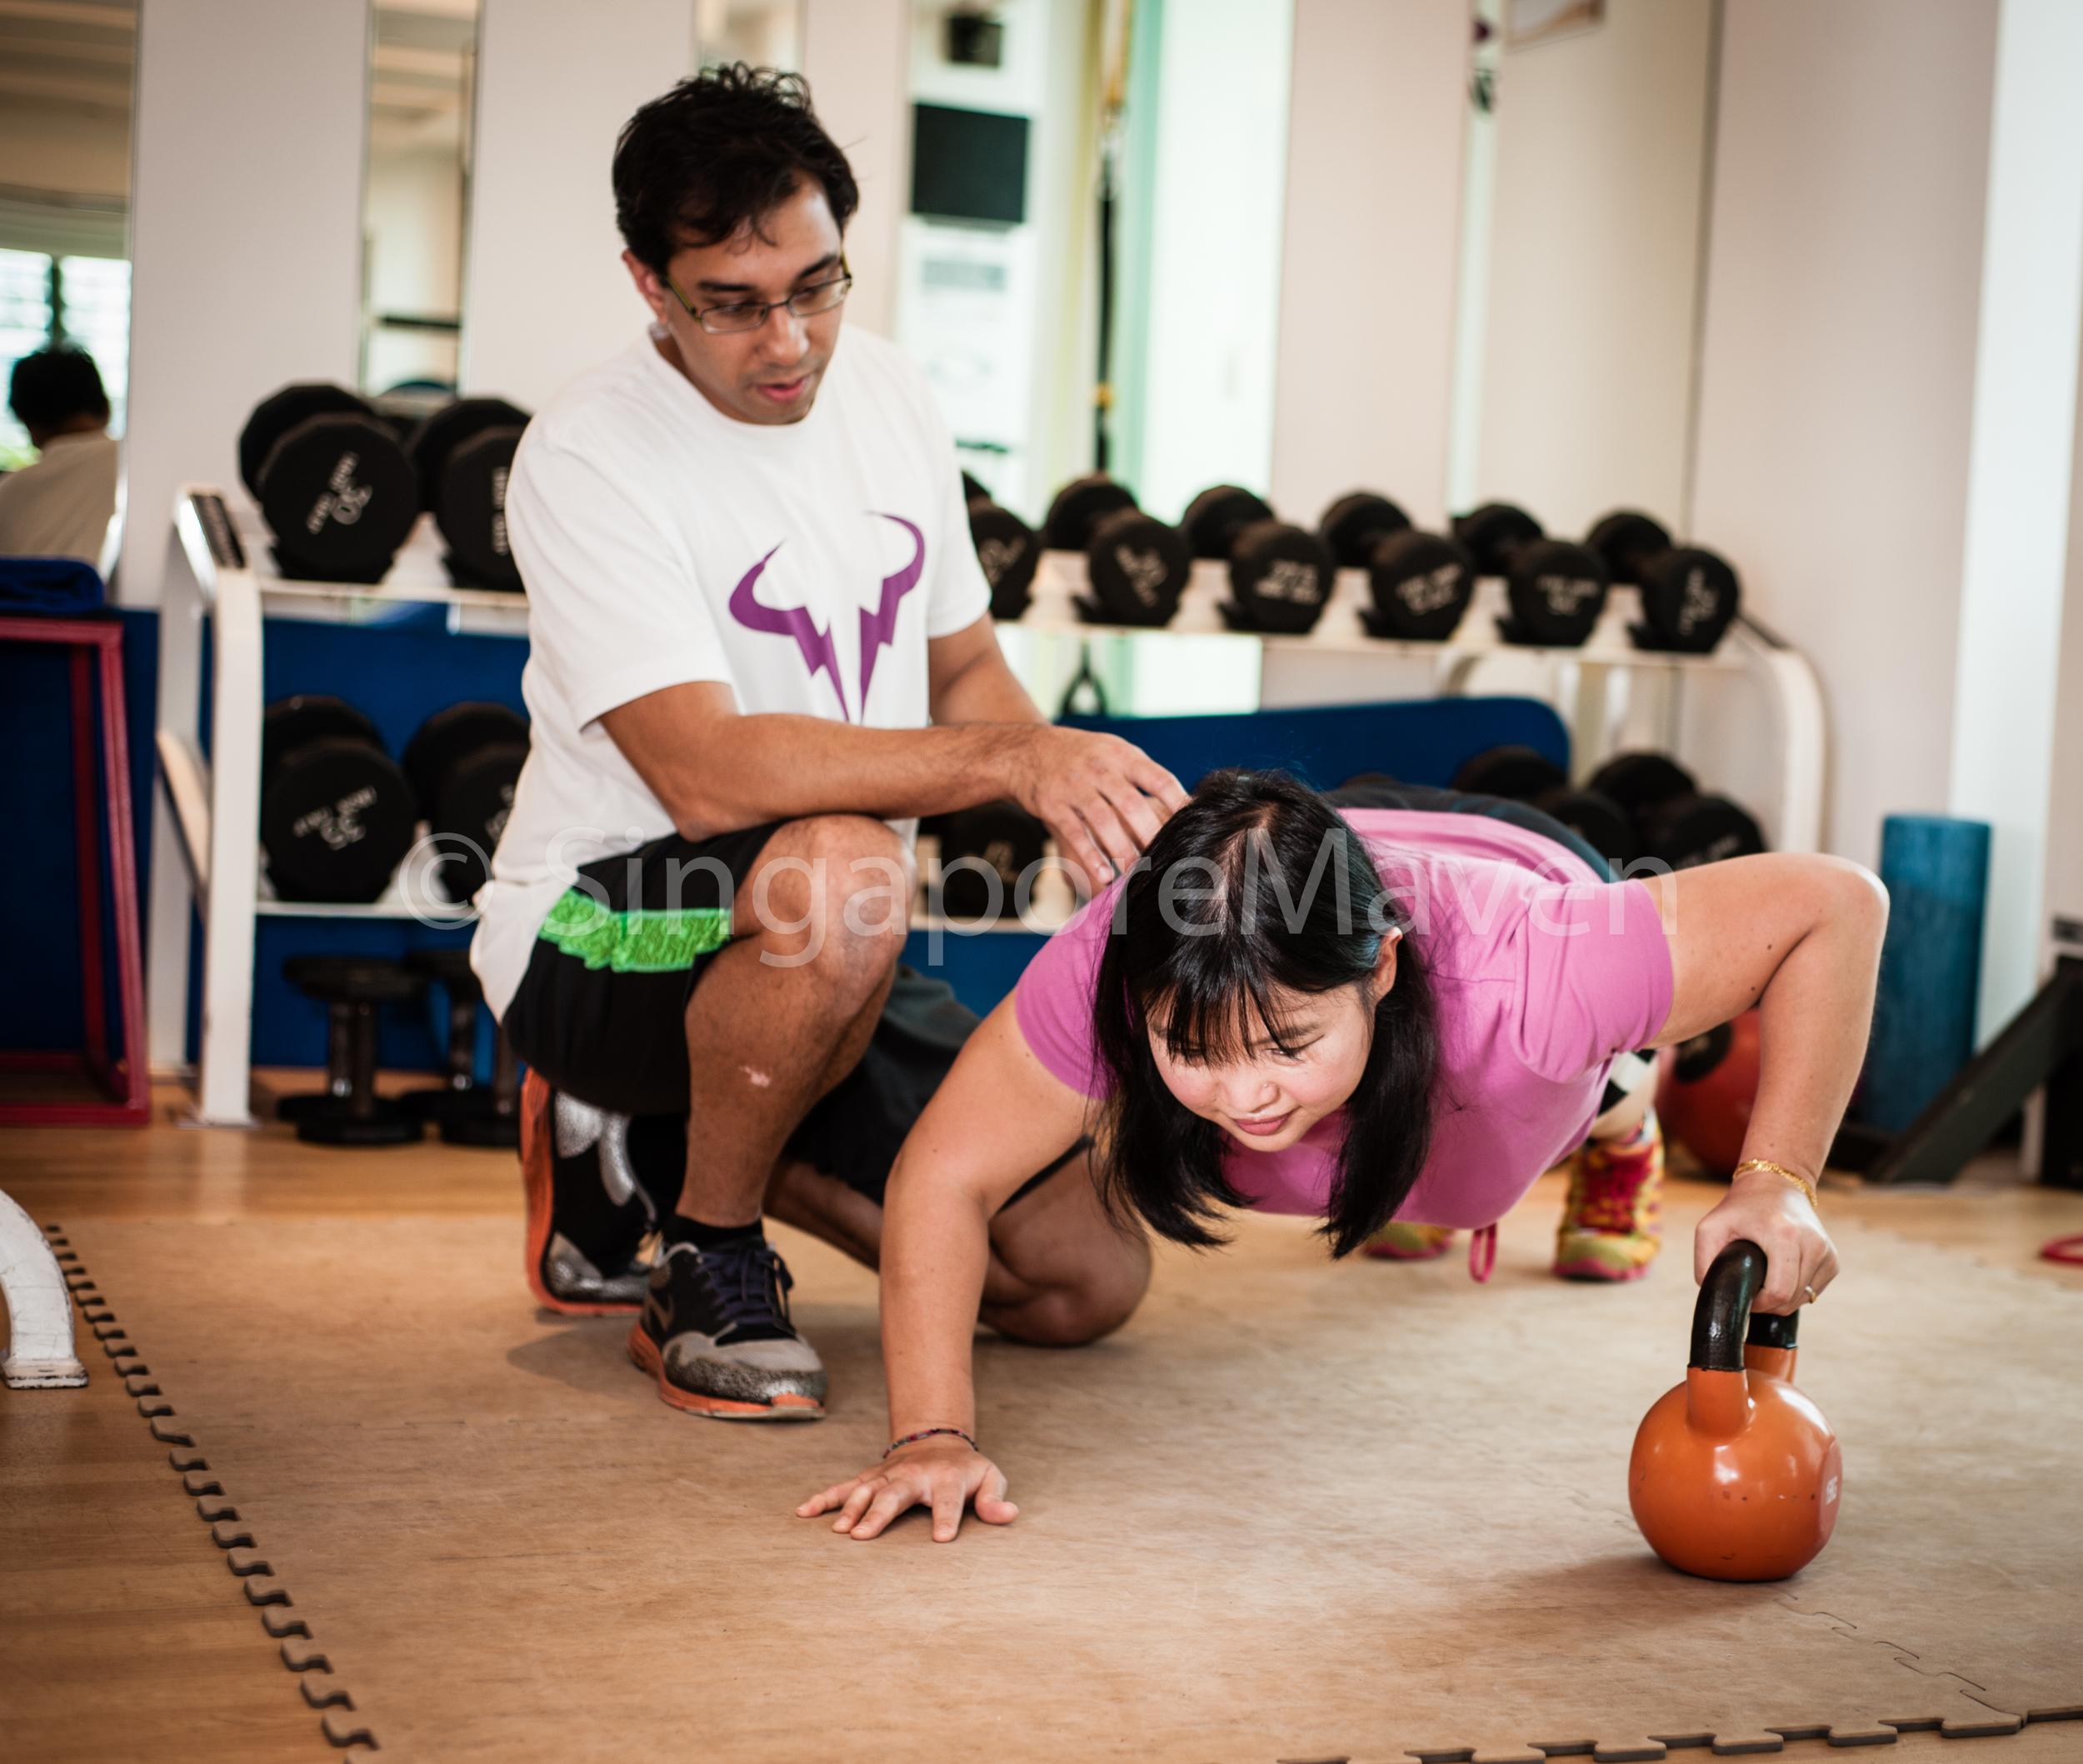 IFC Personal Training, Jo Ash, Greg Pink, Personal Training Singapore.jpeg